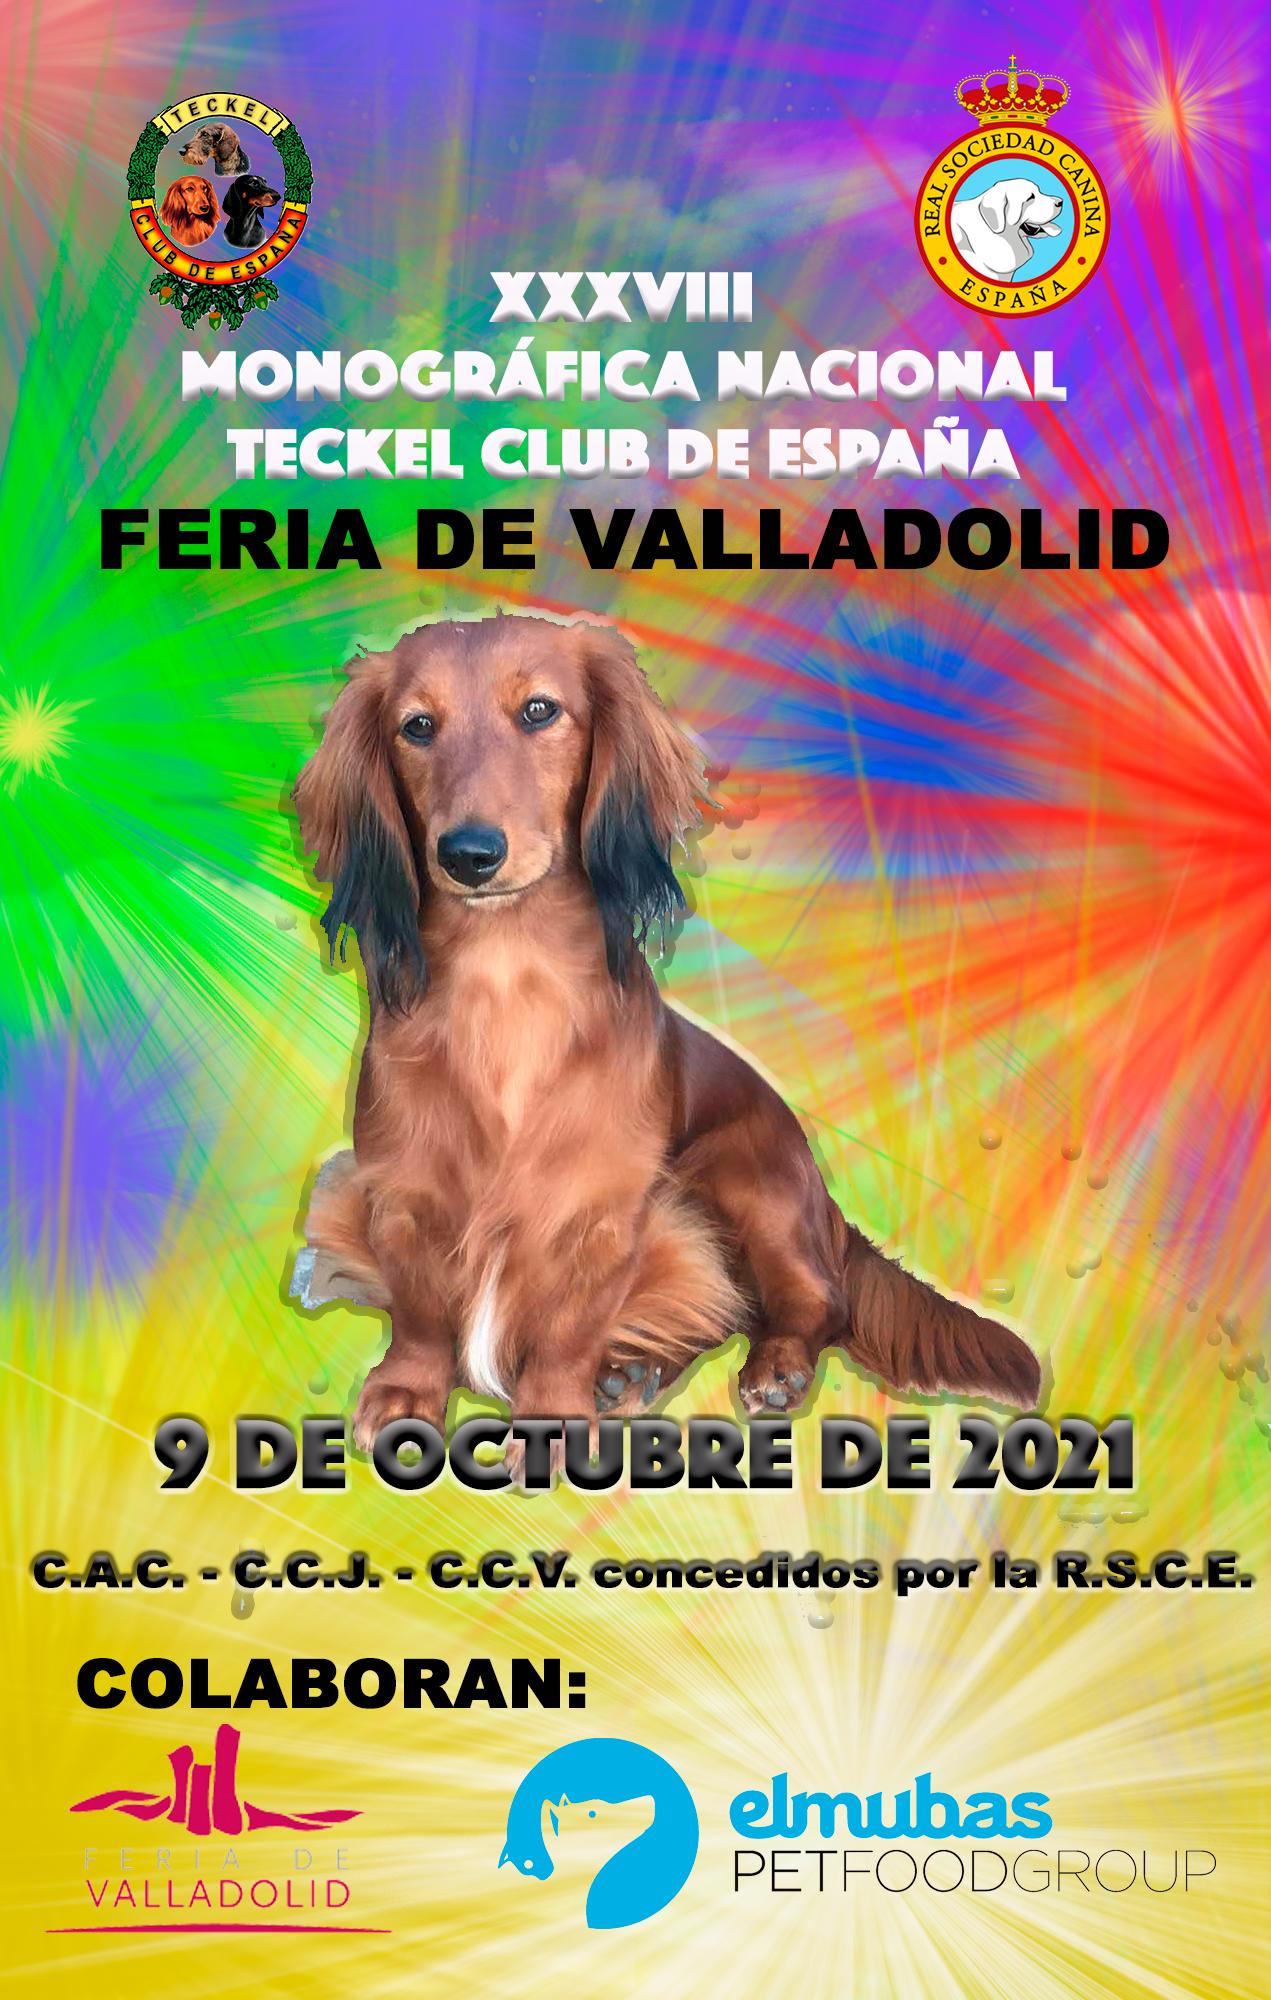 MONOGRÁFICA TECKEL CLUB DE ESPAÑA